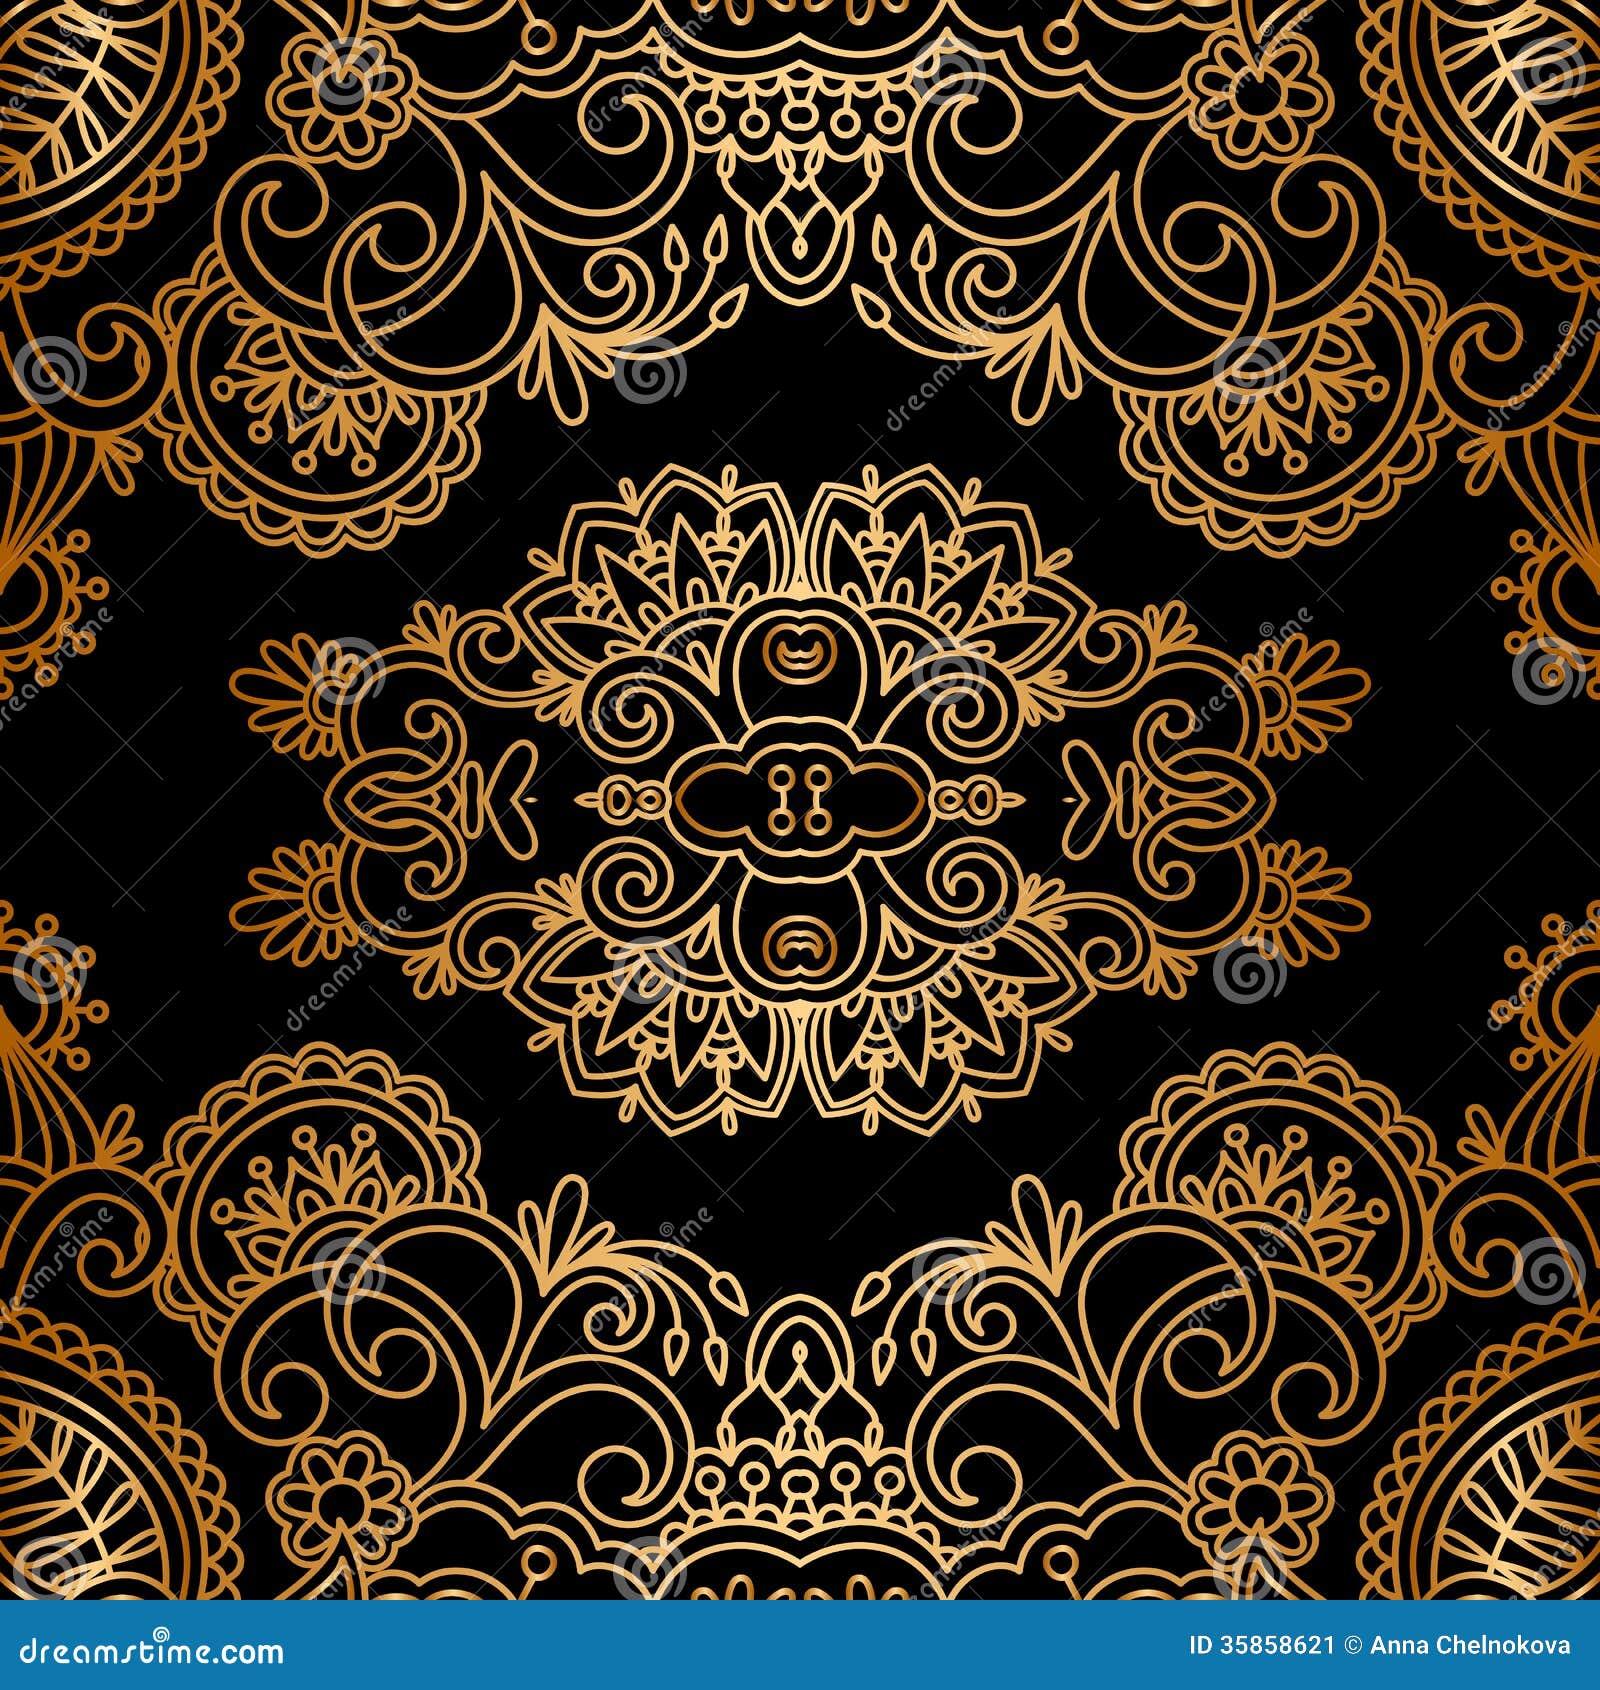 Vintage baroque floral golden ornament vector stock vector image - Vector Gold Ornament Stock Image Image 35858621